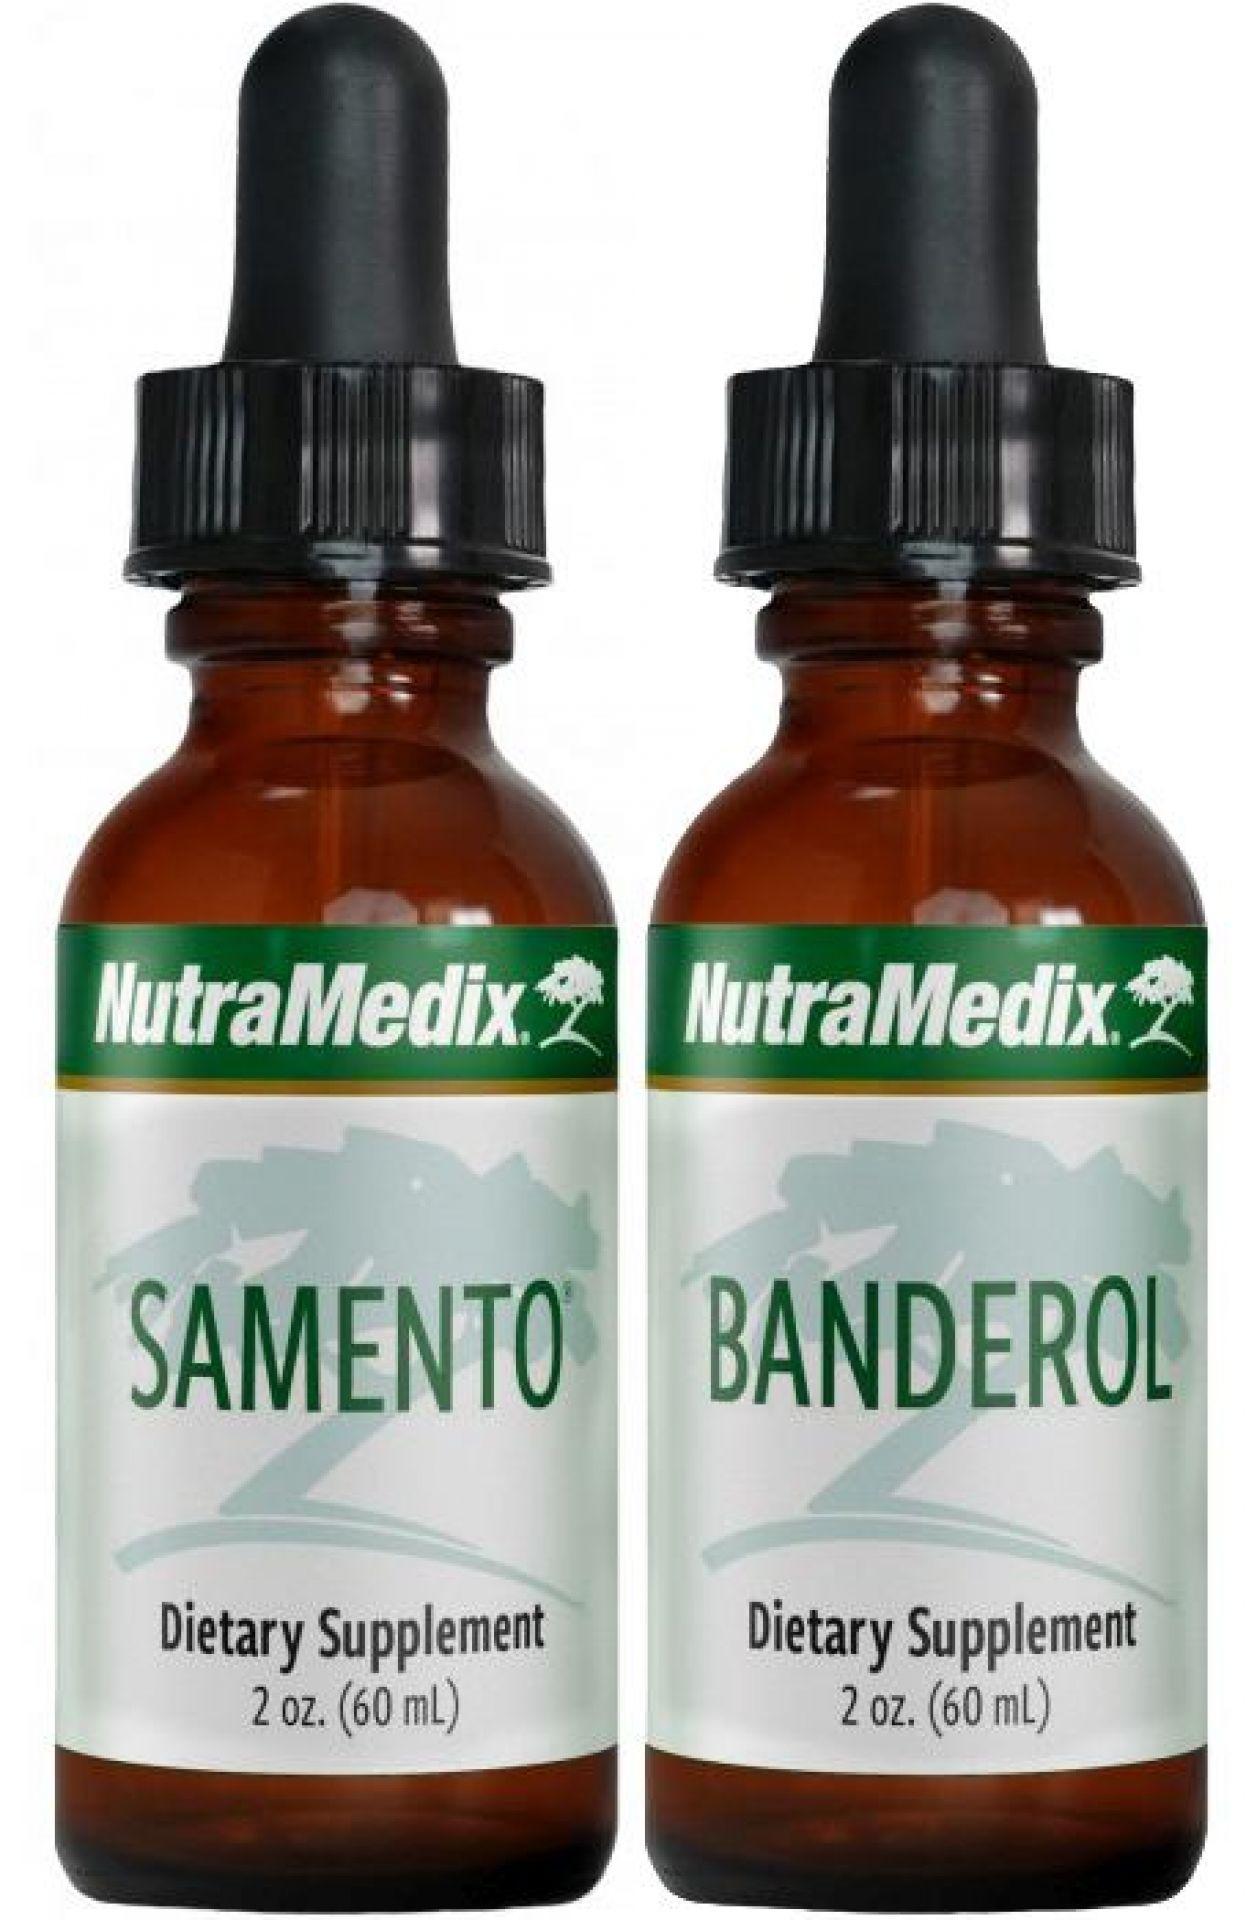 Samento & Banderol